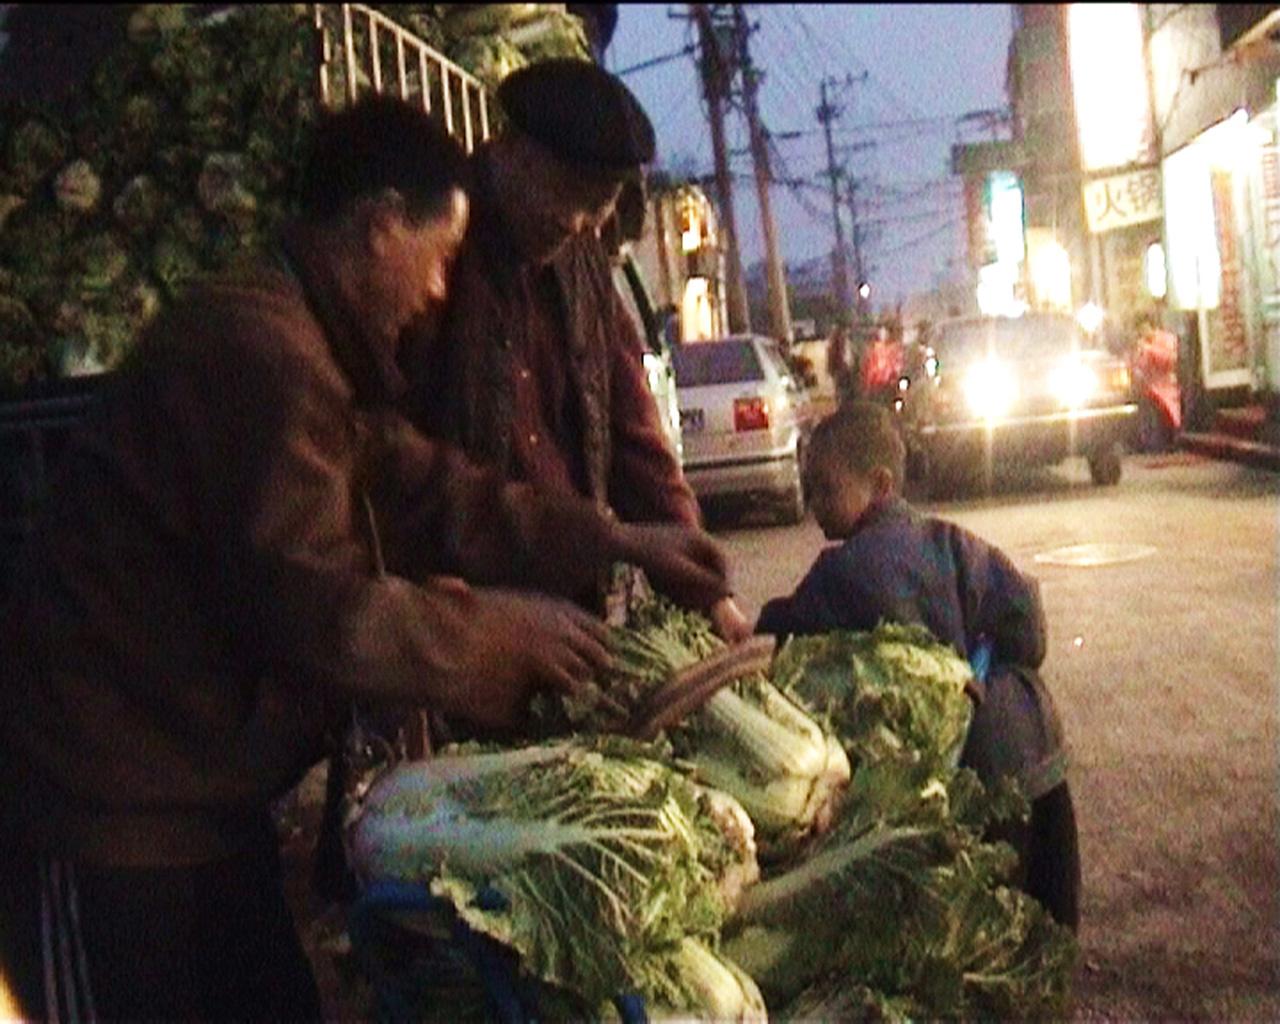 Chinese cabbage01-1280.jpg